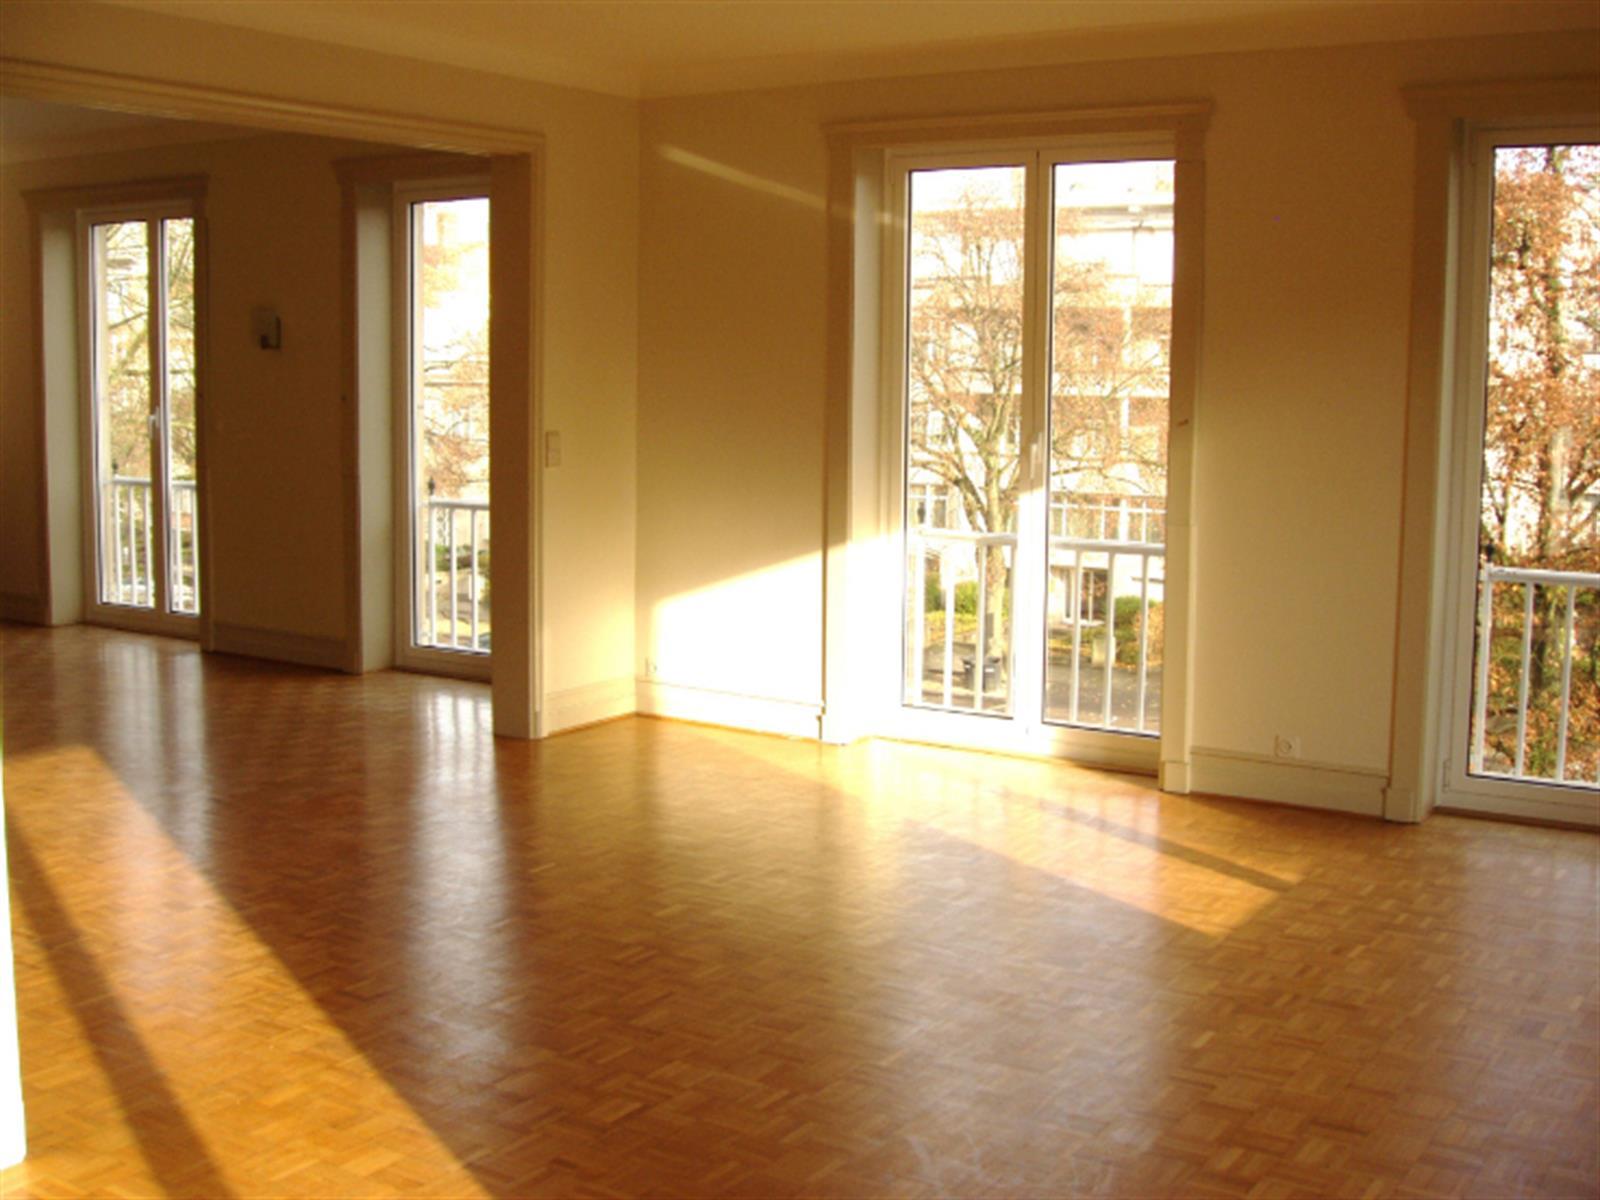 Appartement - Ixelles - #4255977-1